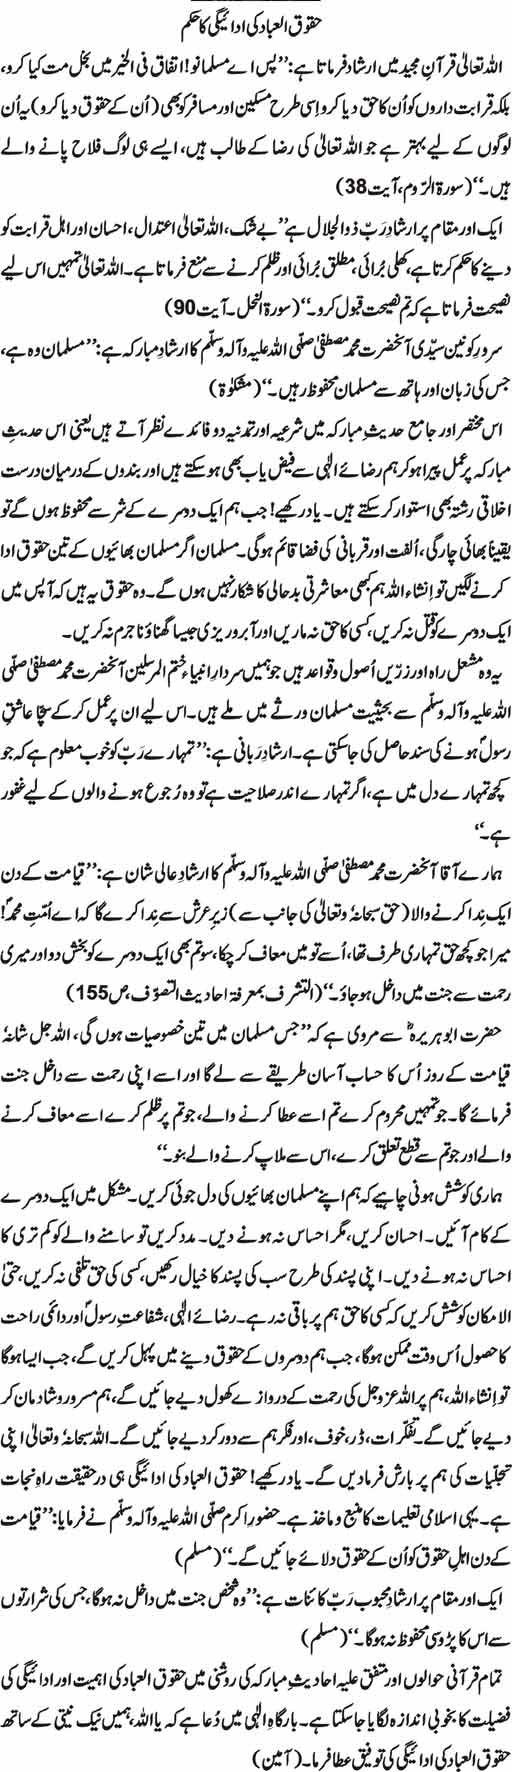 haqooq-ul-ibad